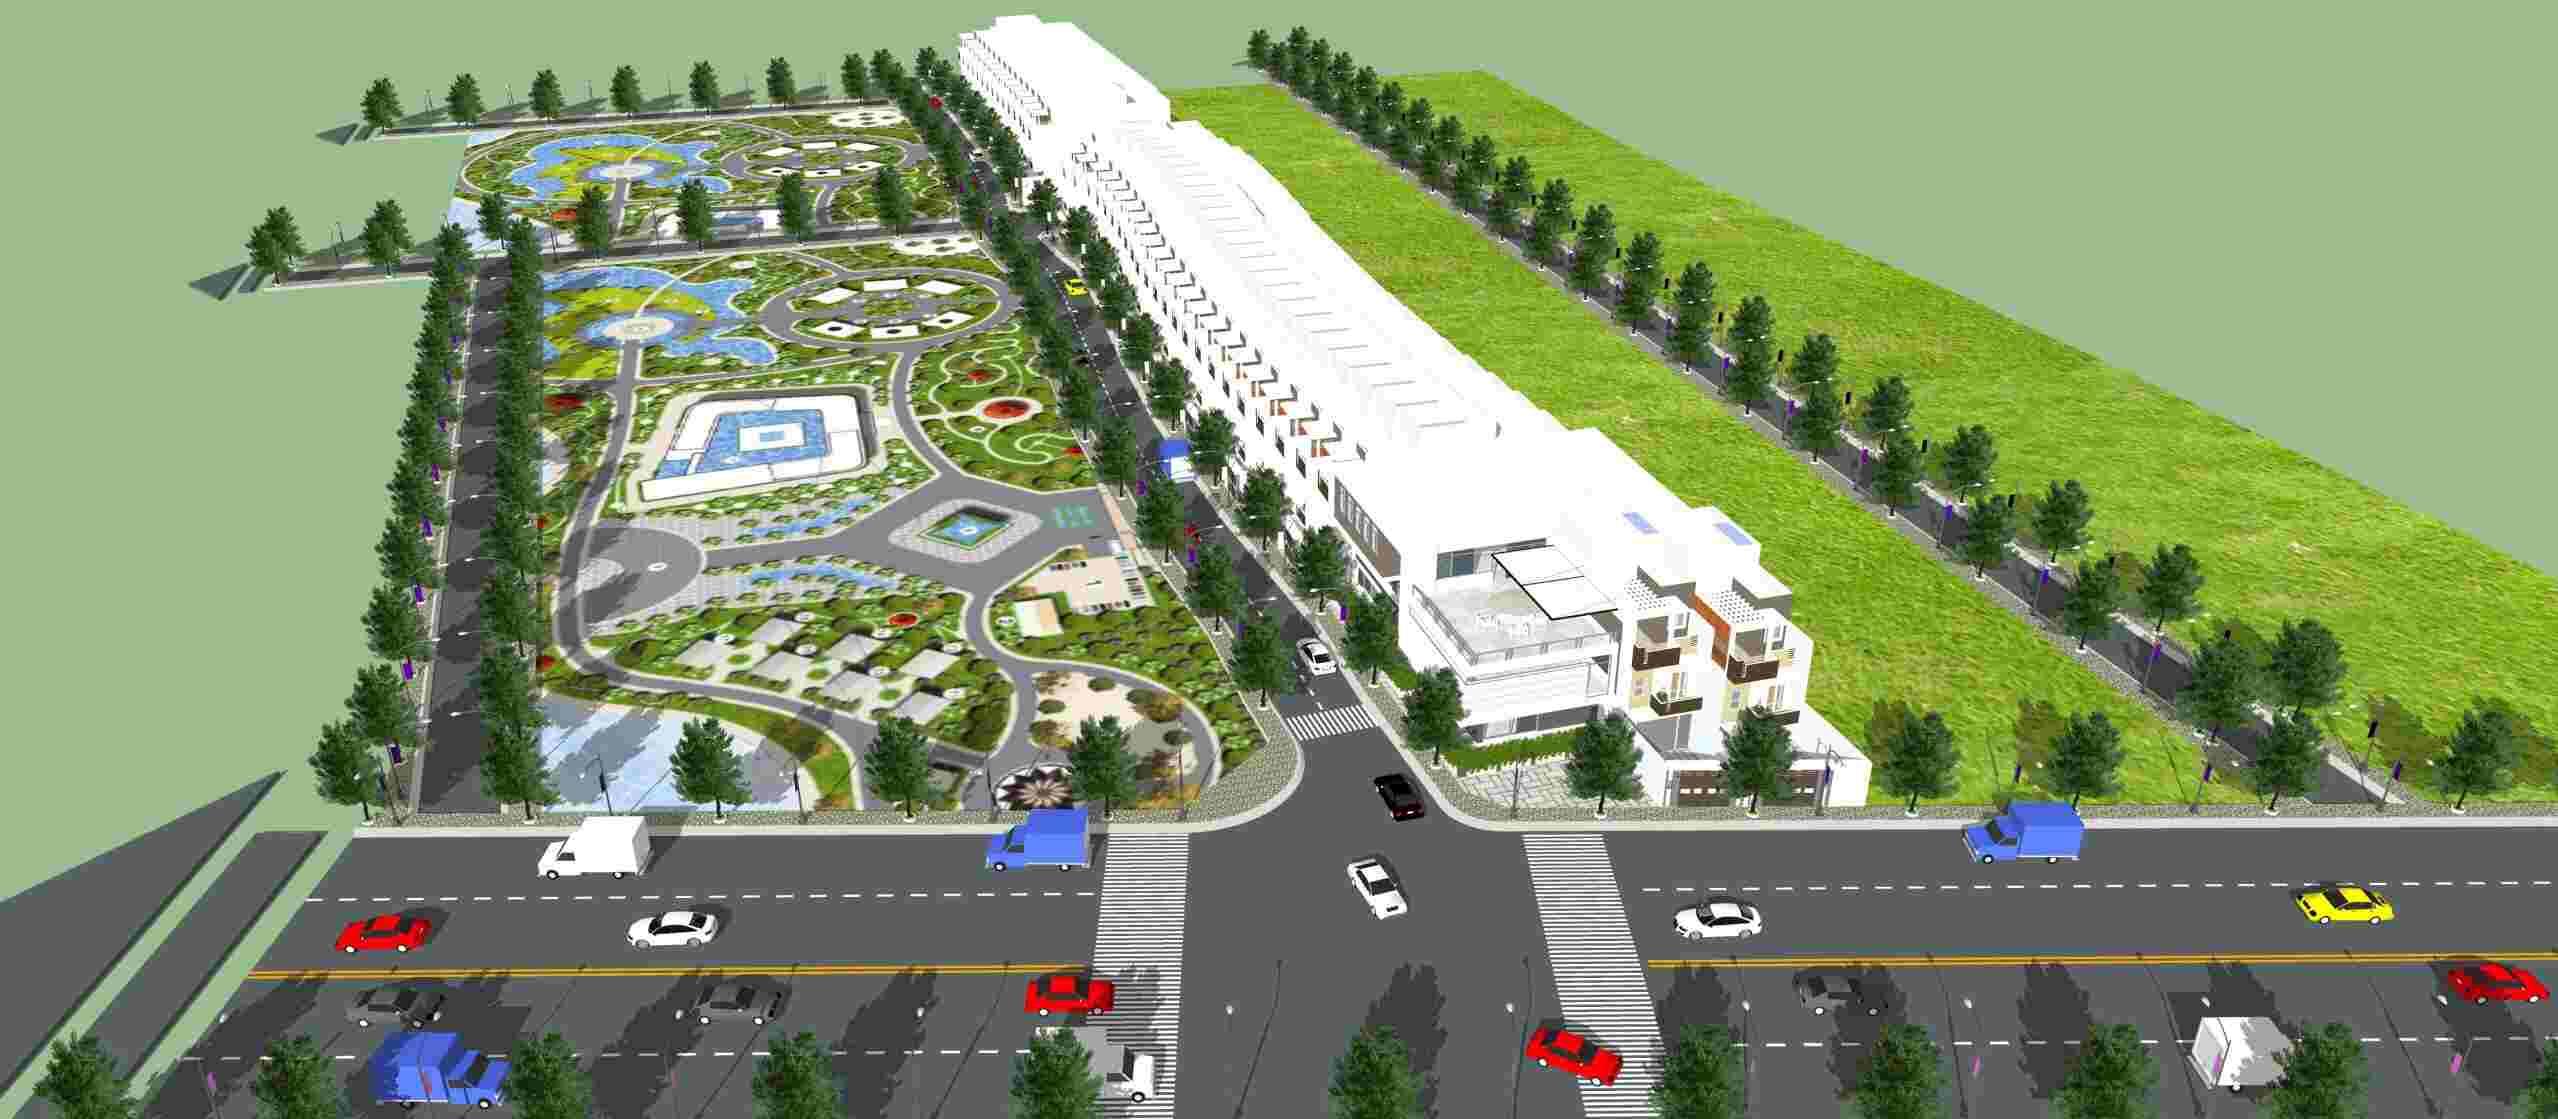 Hoàng Phúc Garden Cần Đước Long An - Tổng quan dự án đất nền